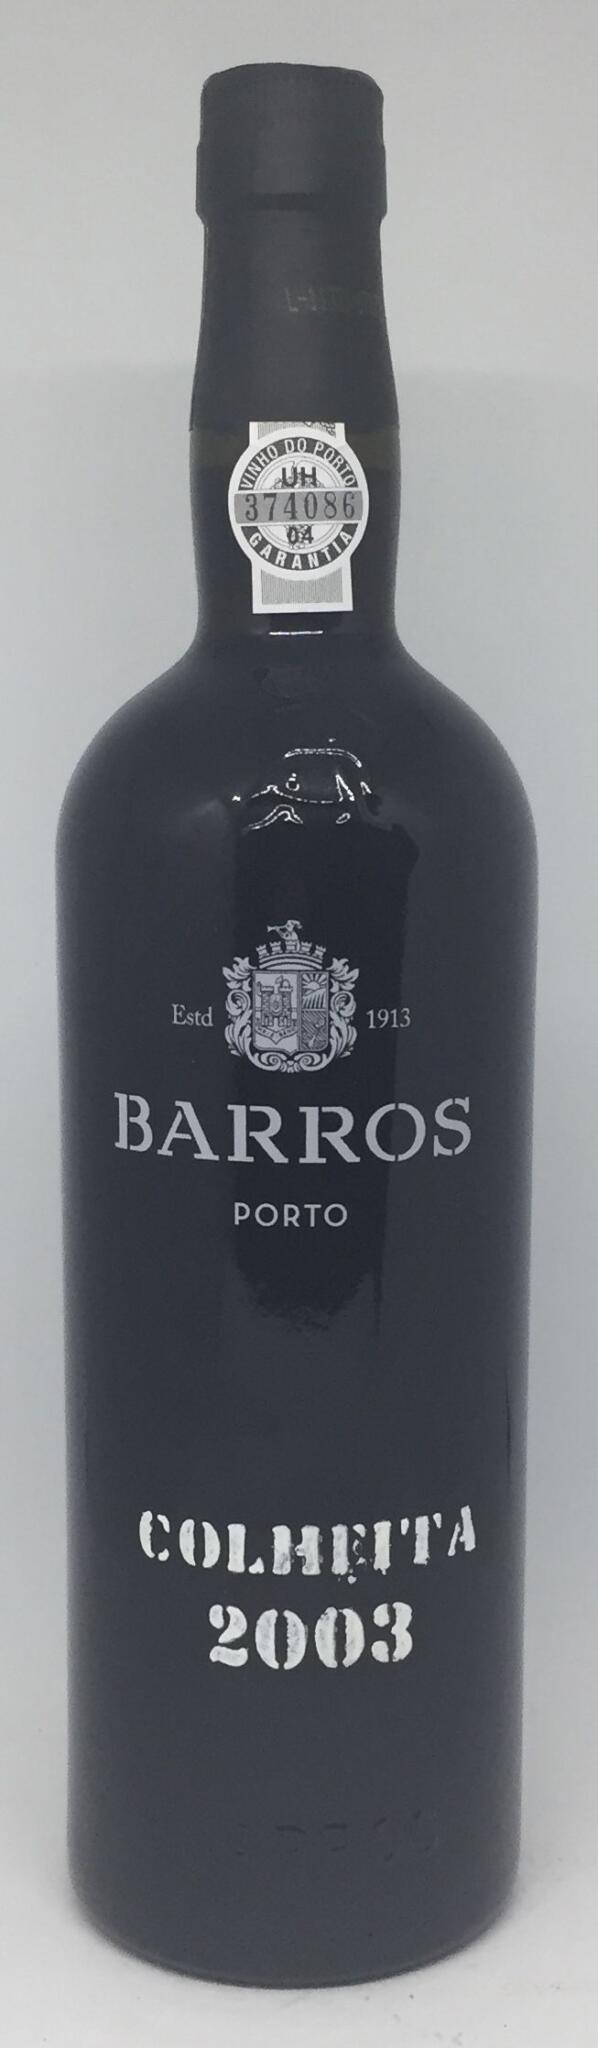 Barros 2003 Colheita